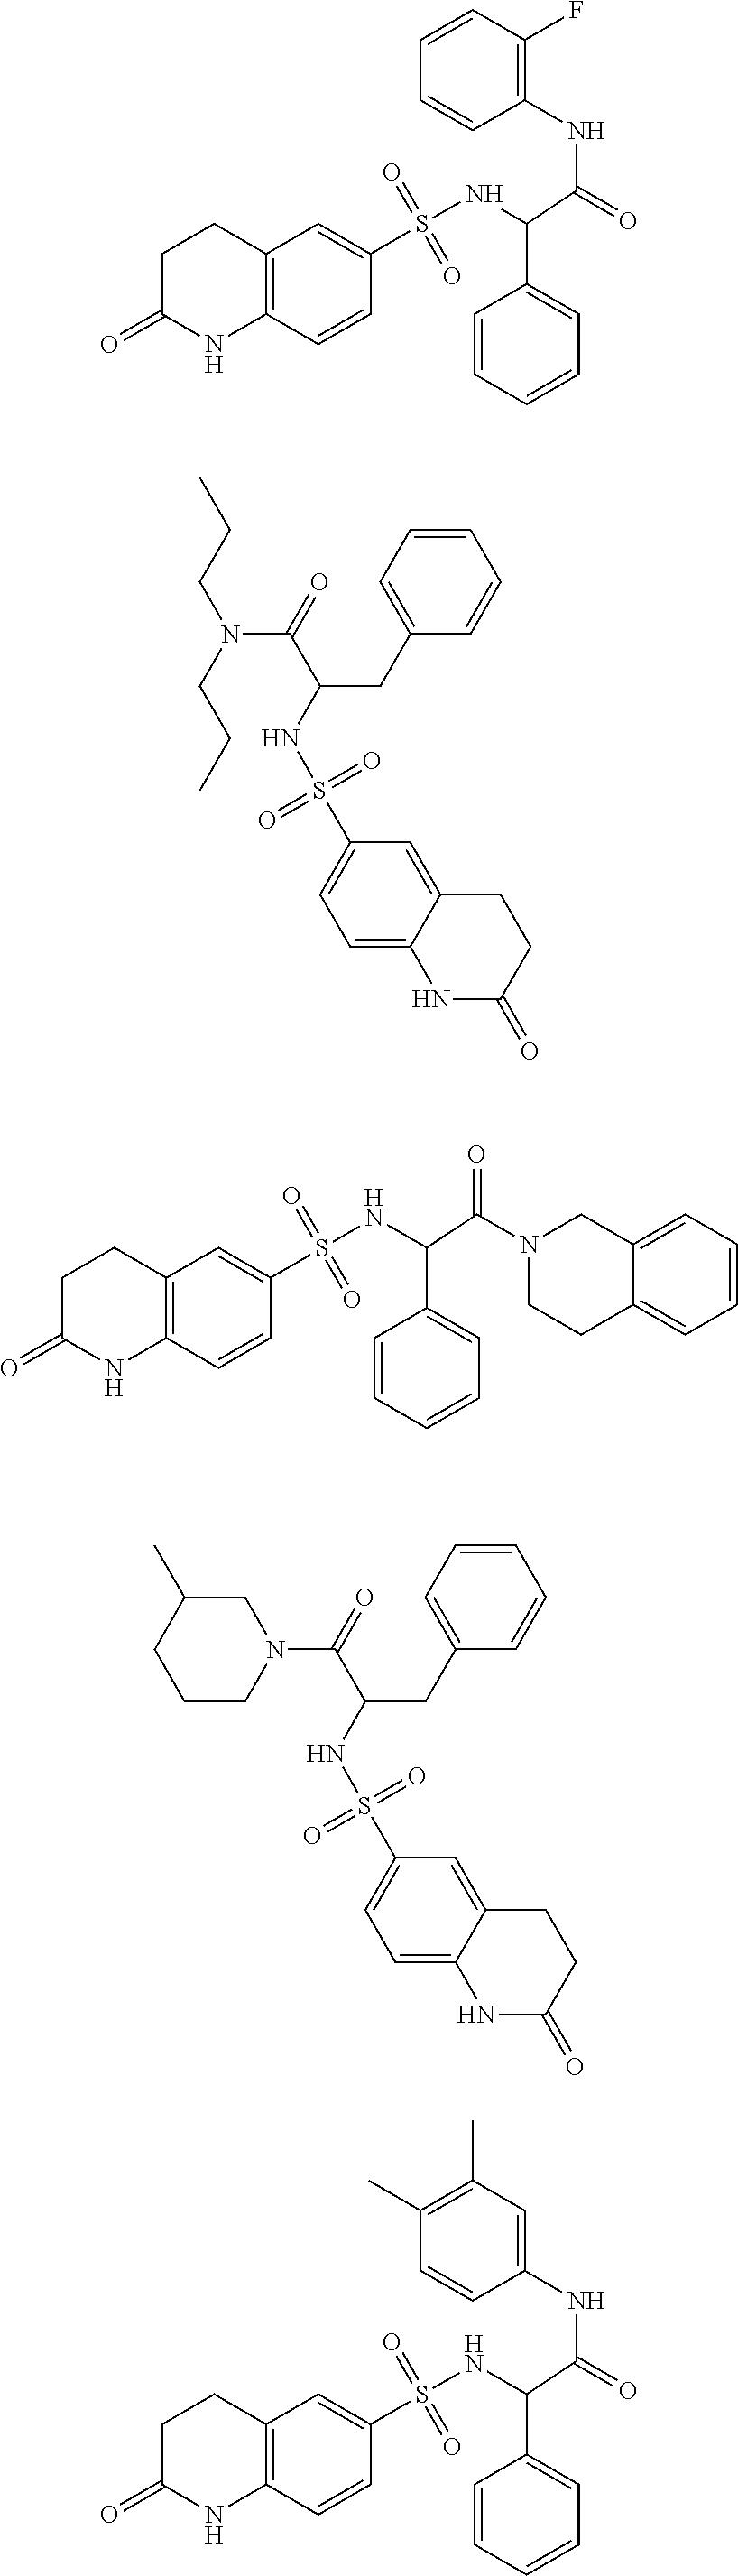 Figure US08957075-20150217-C00025